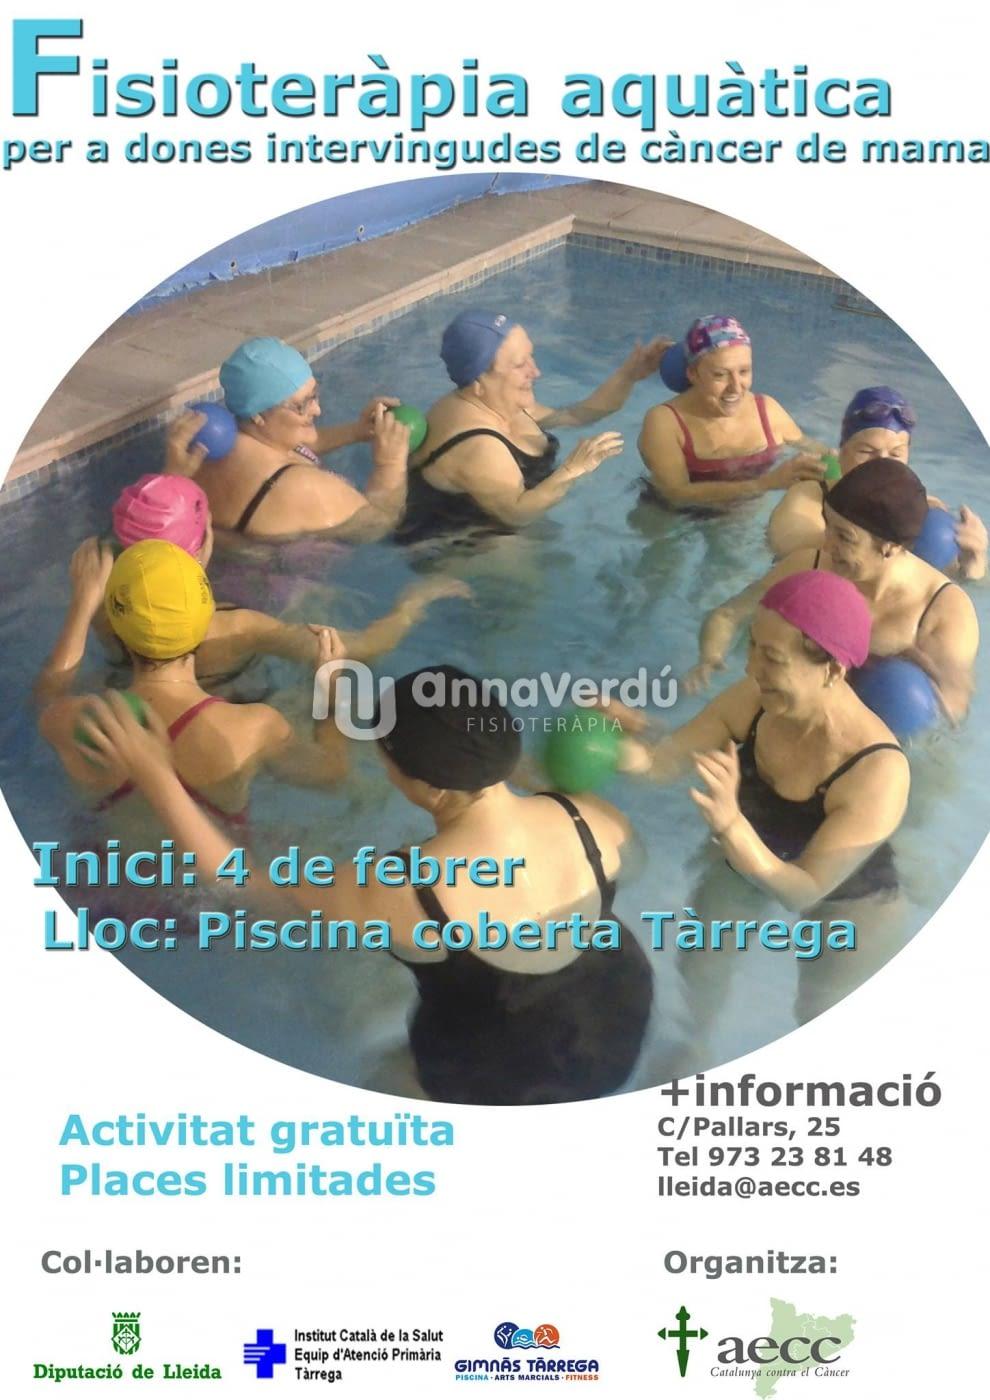 Fisioteràpia aquàtica per a dones operades de càncer de mama, organitzat per AECC